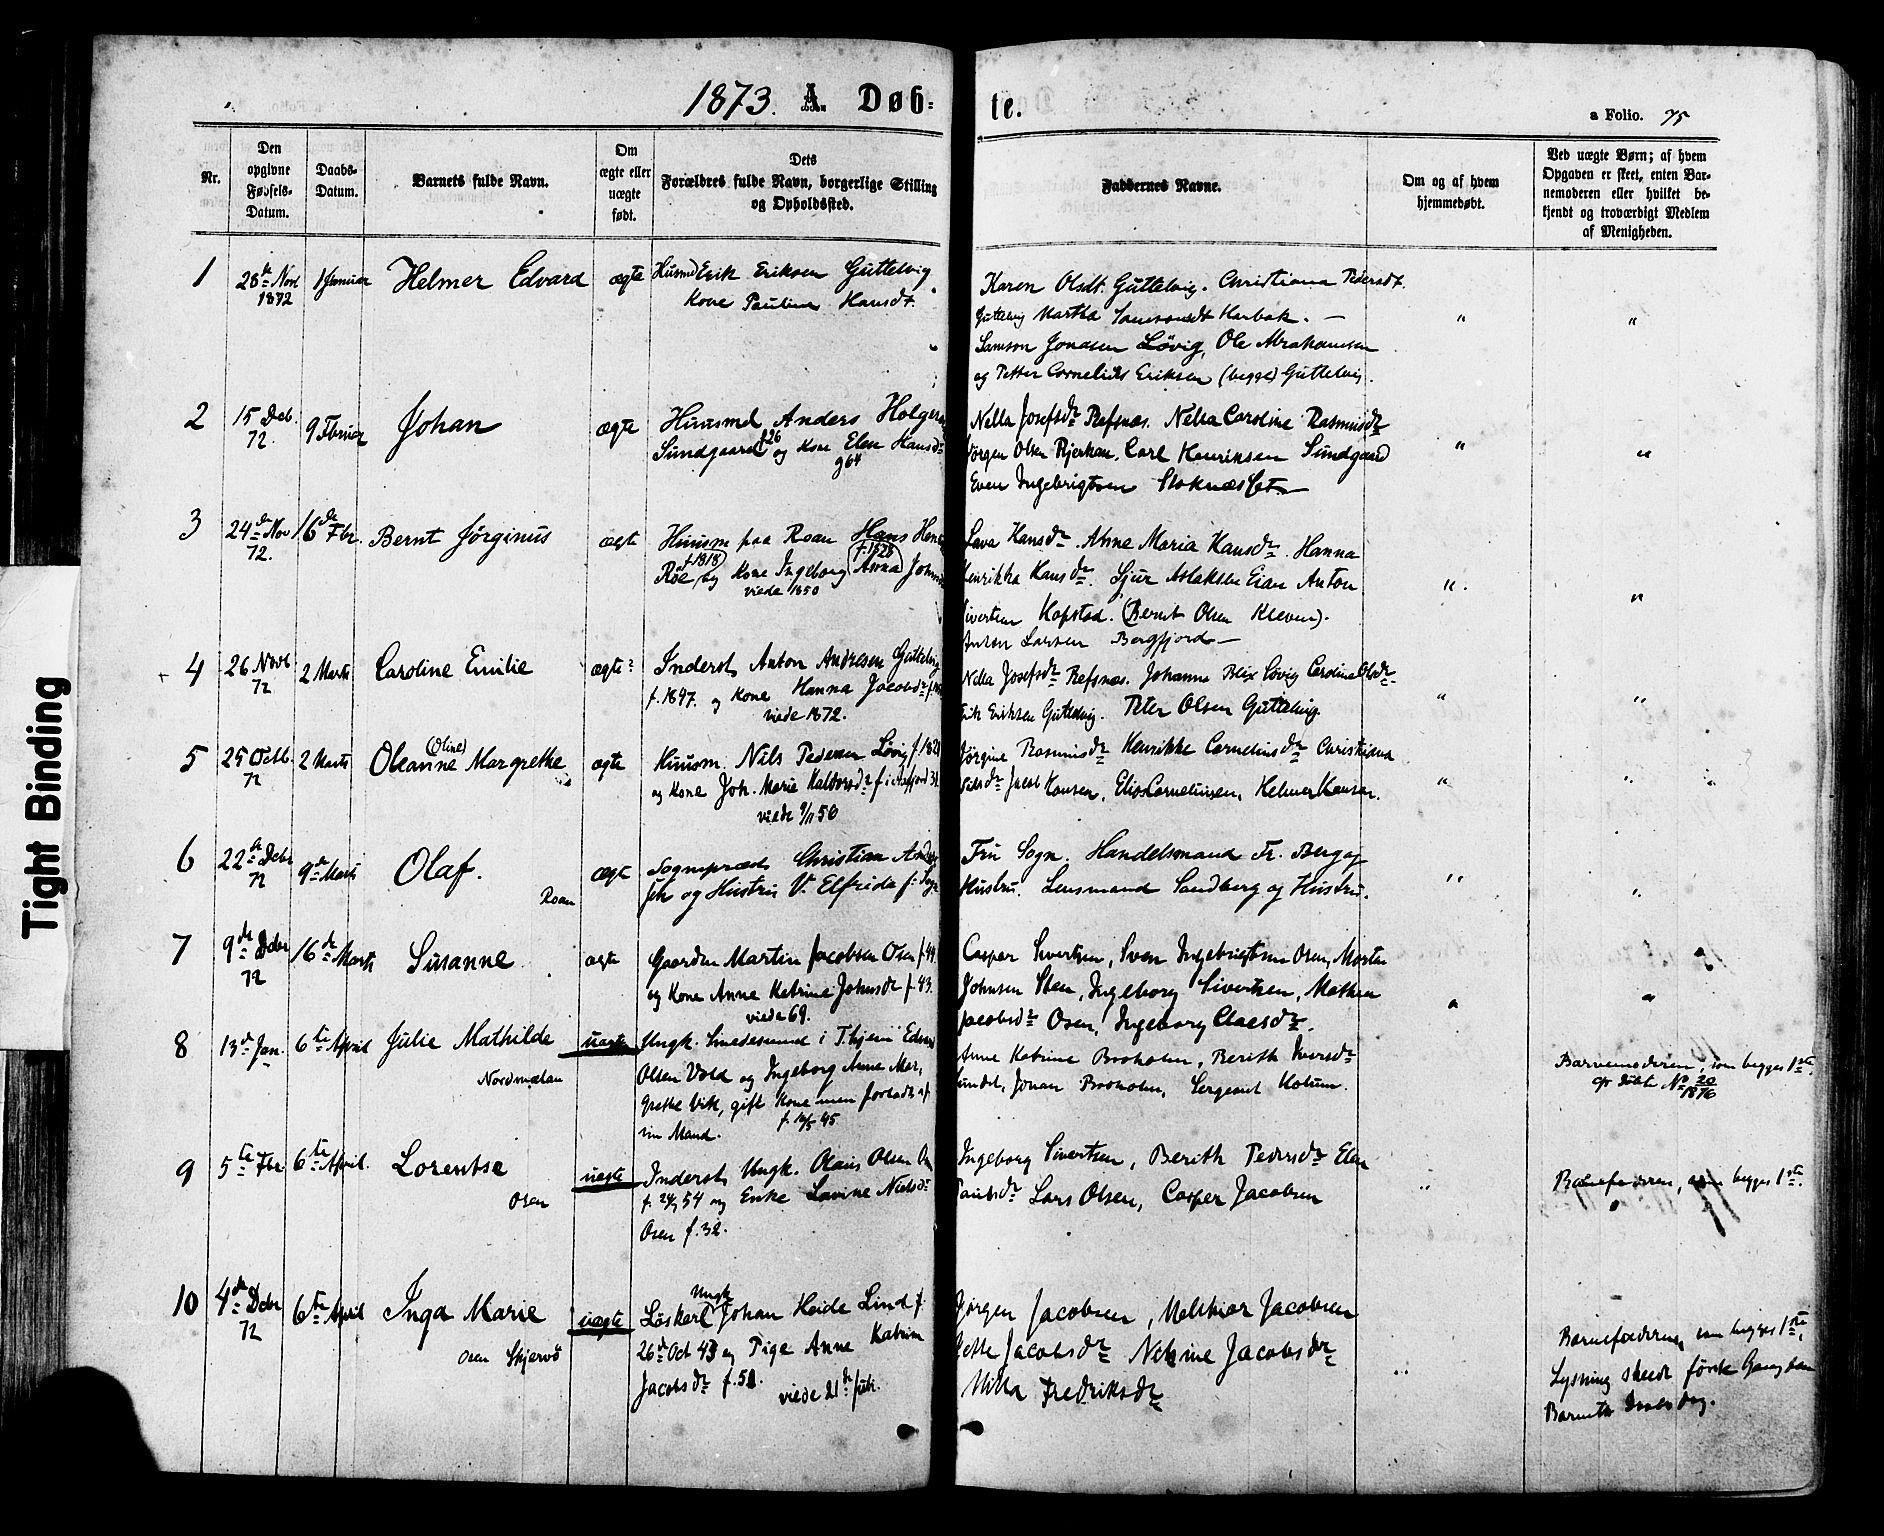 SAT, Ministerialprotokoller, klokkerbøker og fødselsregistre - Sør-Trøndelag, 657/L0706: Ministerialbok nr. 657A07, 1867-1878, s. 75